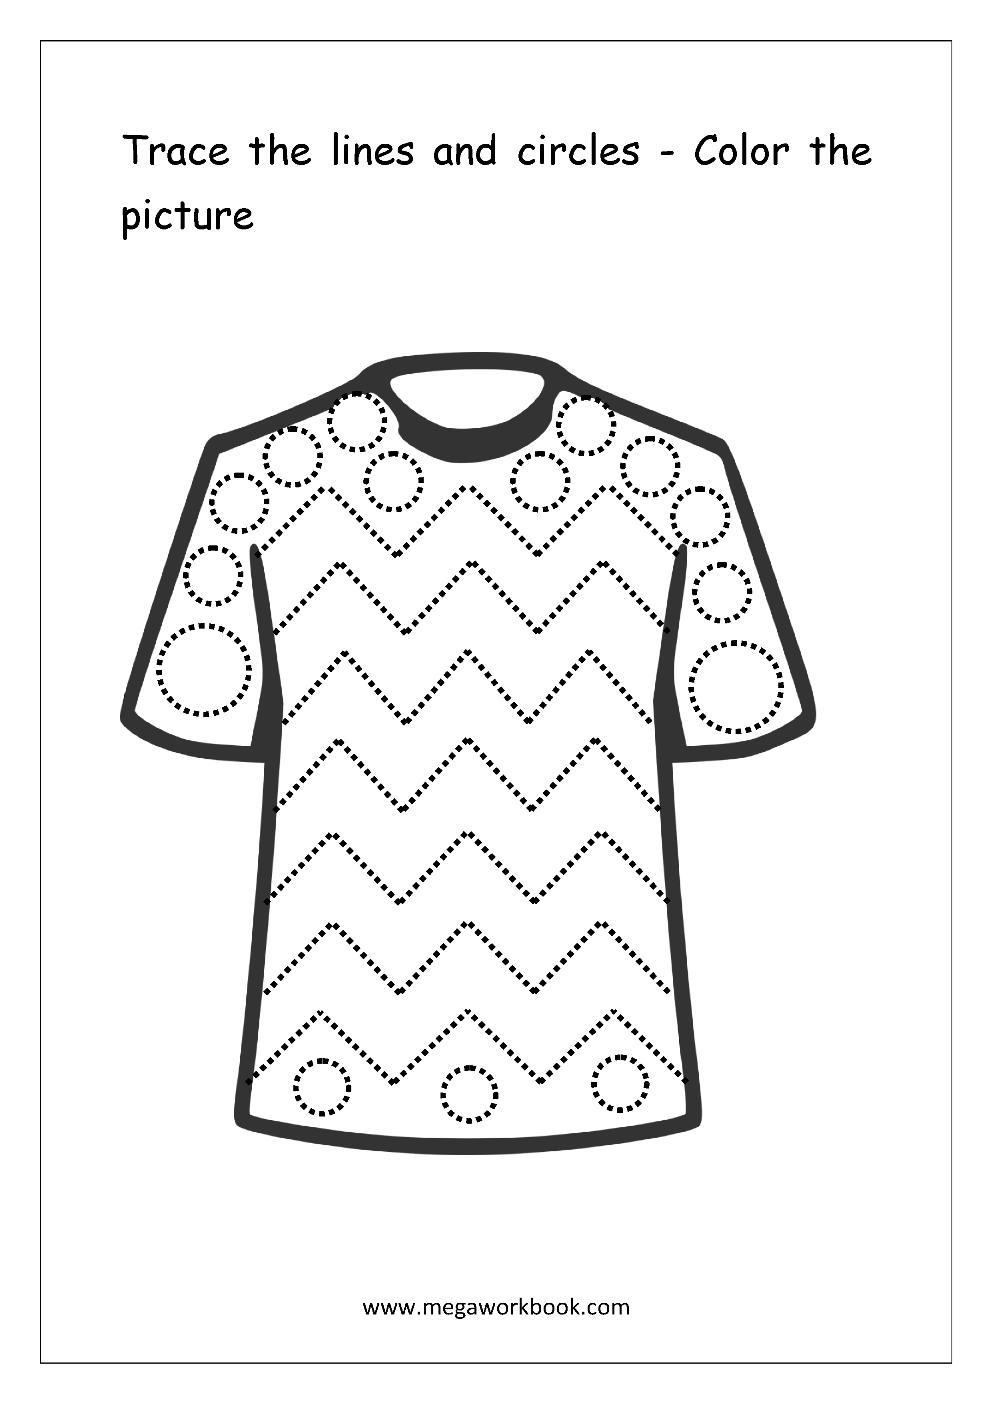 line tracing t shirt worksheet 5 patterns pre. Black Bedroom Furniture Sets. Home Design Ideas